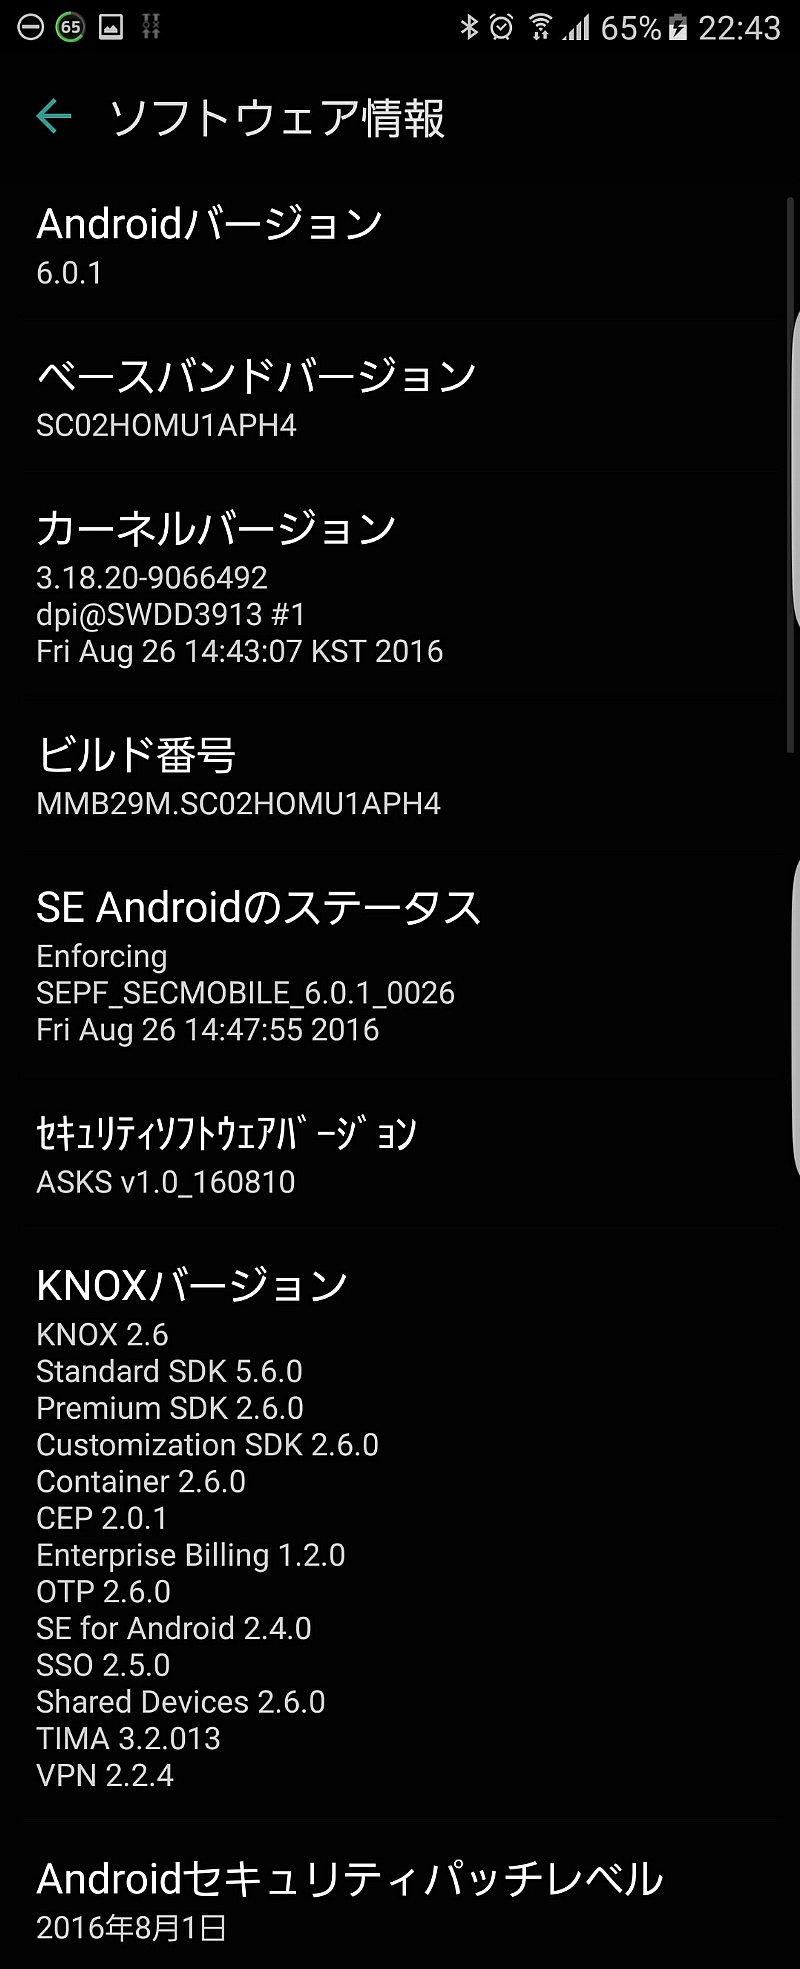 ドコモ版Galaxy S7 edgeのアップデート後のセキュリティパッチレベル